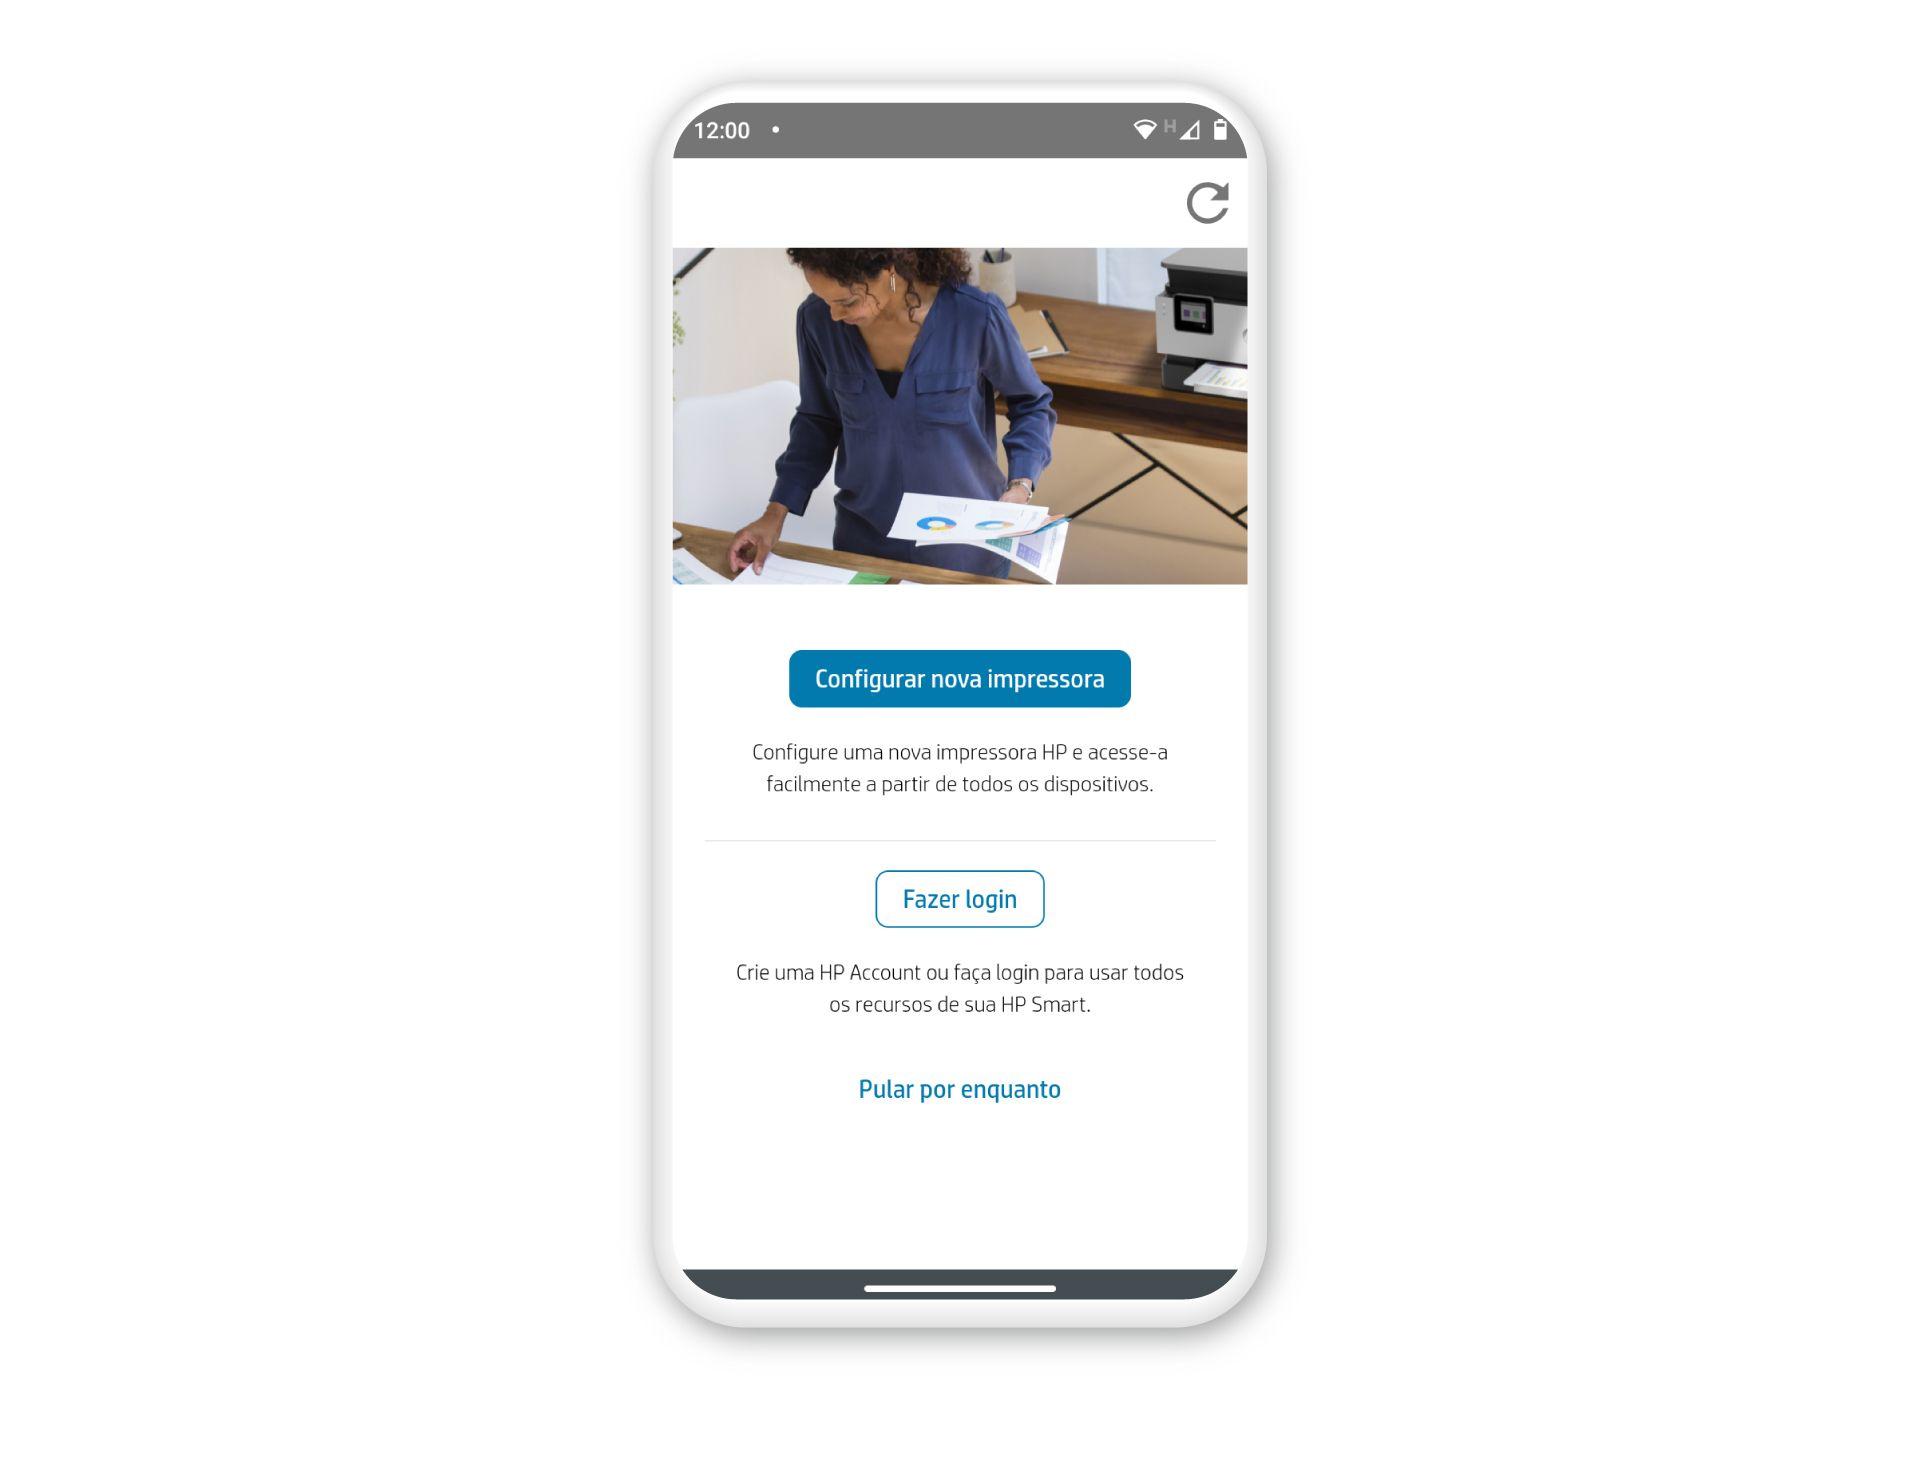 Como imprimir pelo celular para impressora: aplicativo HP Smart é muito fácil de configurar (Foto: Arte/Zoom)